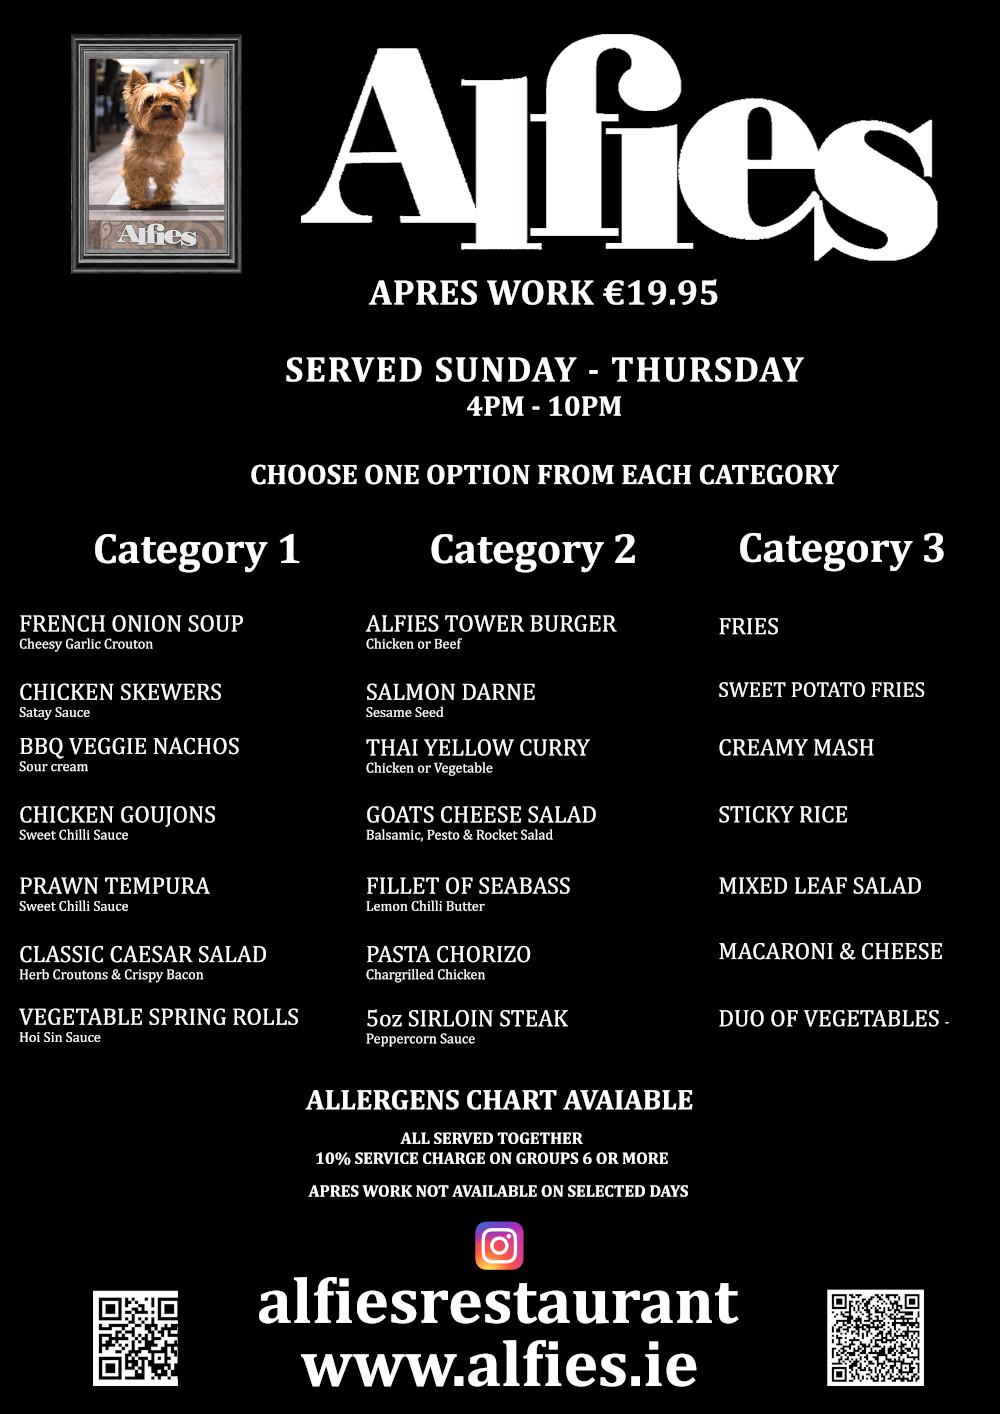 Alfies APRES WORK MAY 2019 menu